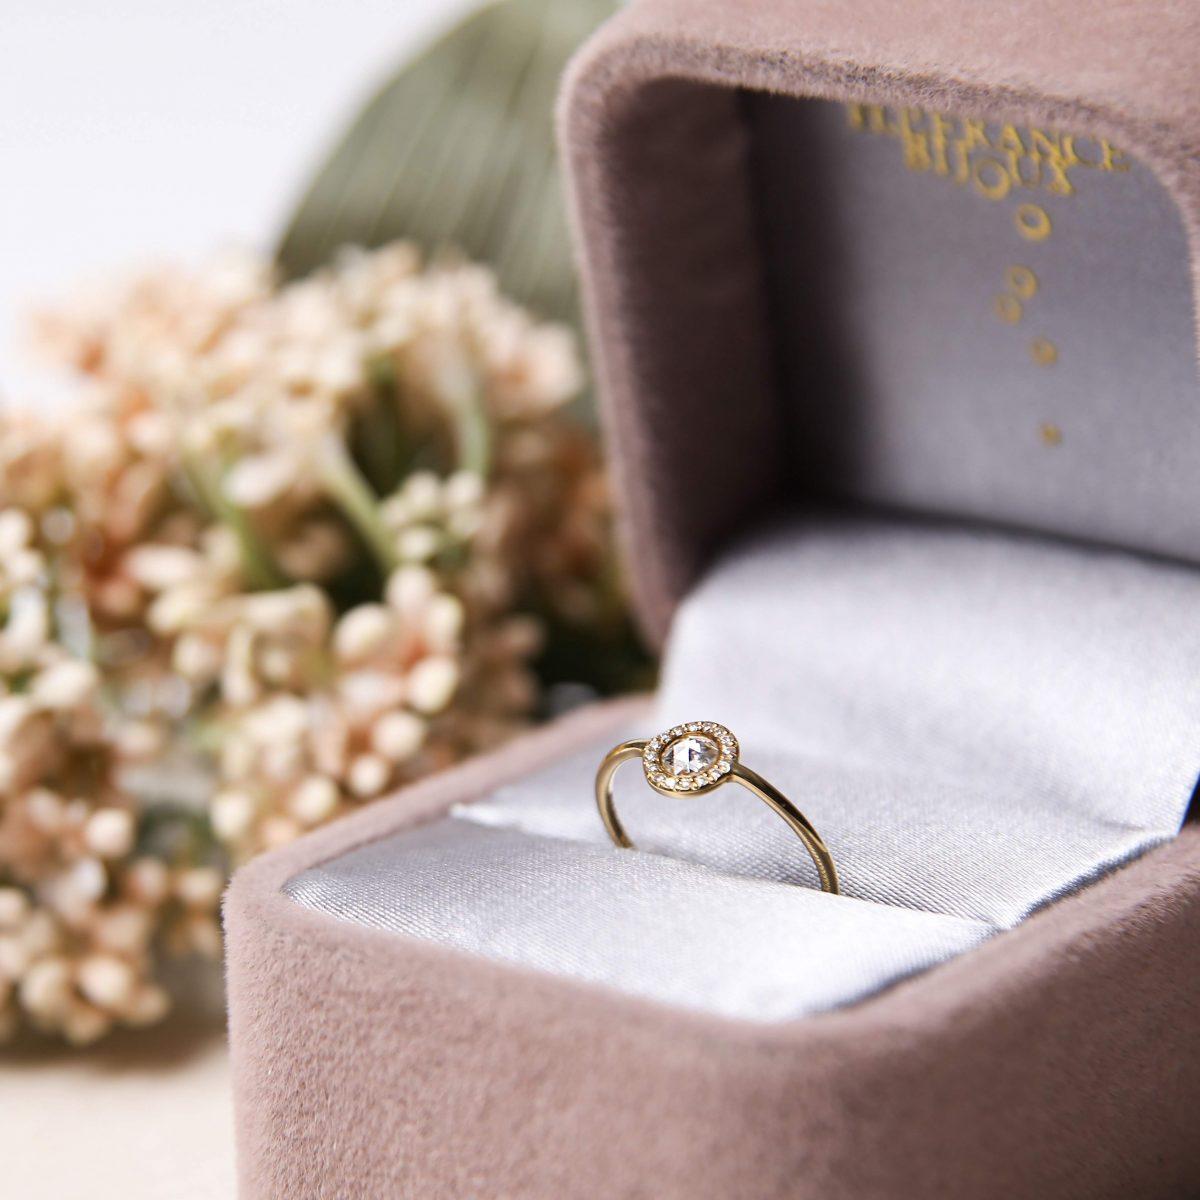 HPFRANCEBIJOUX アッシュペーフランス アッシュペービジュー ウエディング ブライダル 結婚 マリッジ エンゲージ 結婚指輪 婚約指輪 アッシュペー